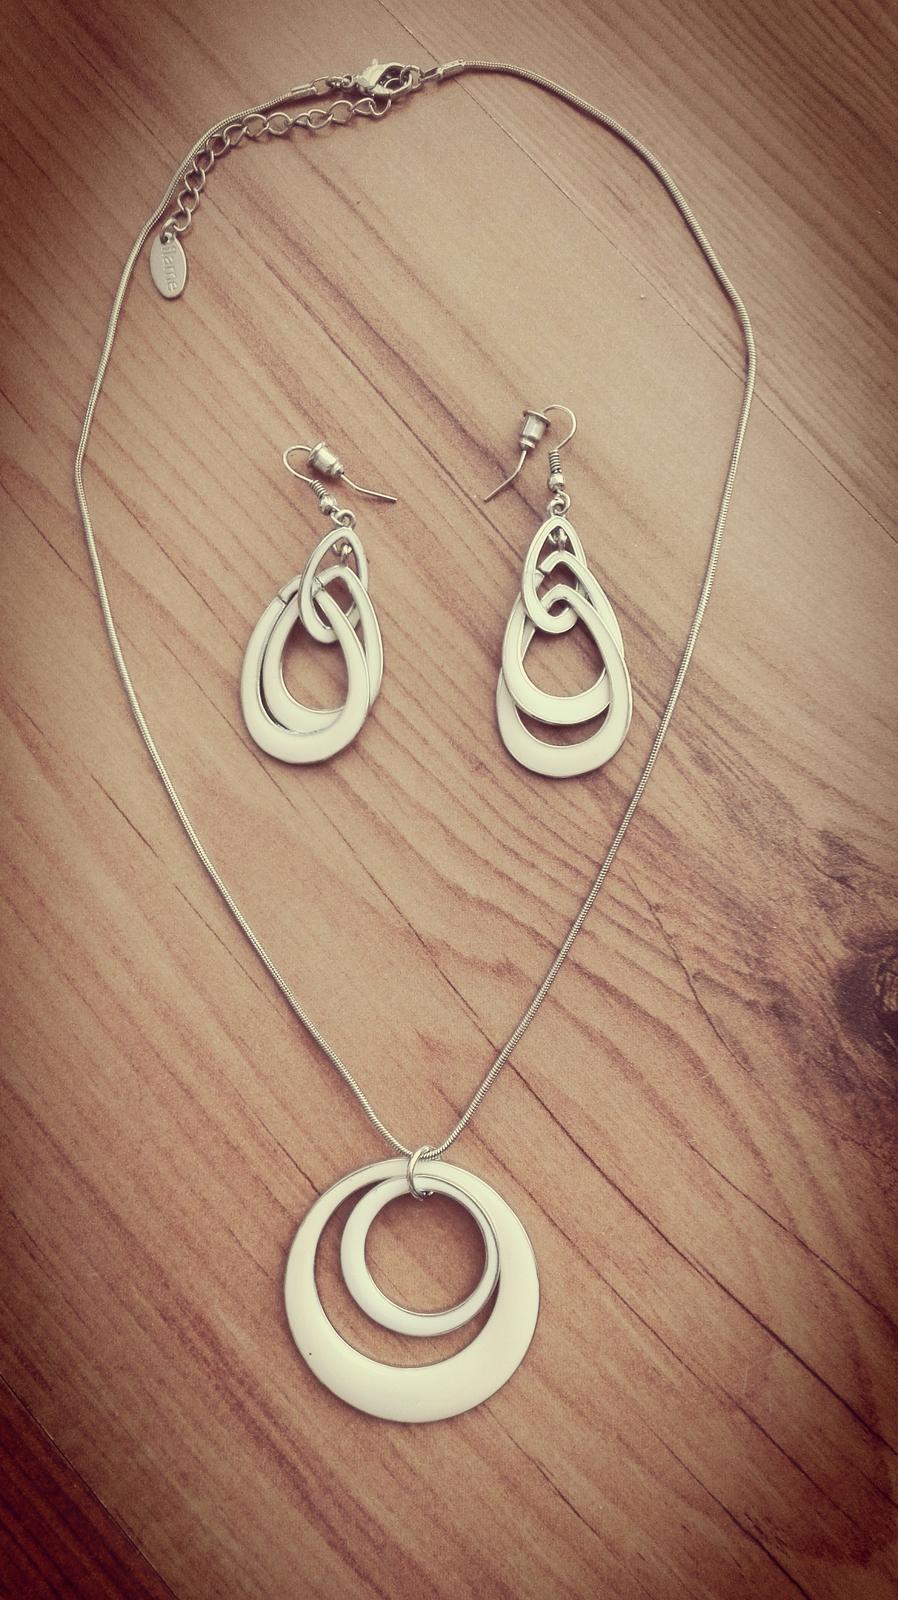 Náušnice a náhrdelník - Obrázok č. 1